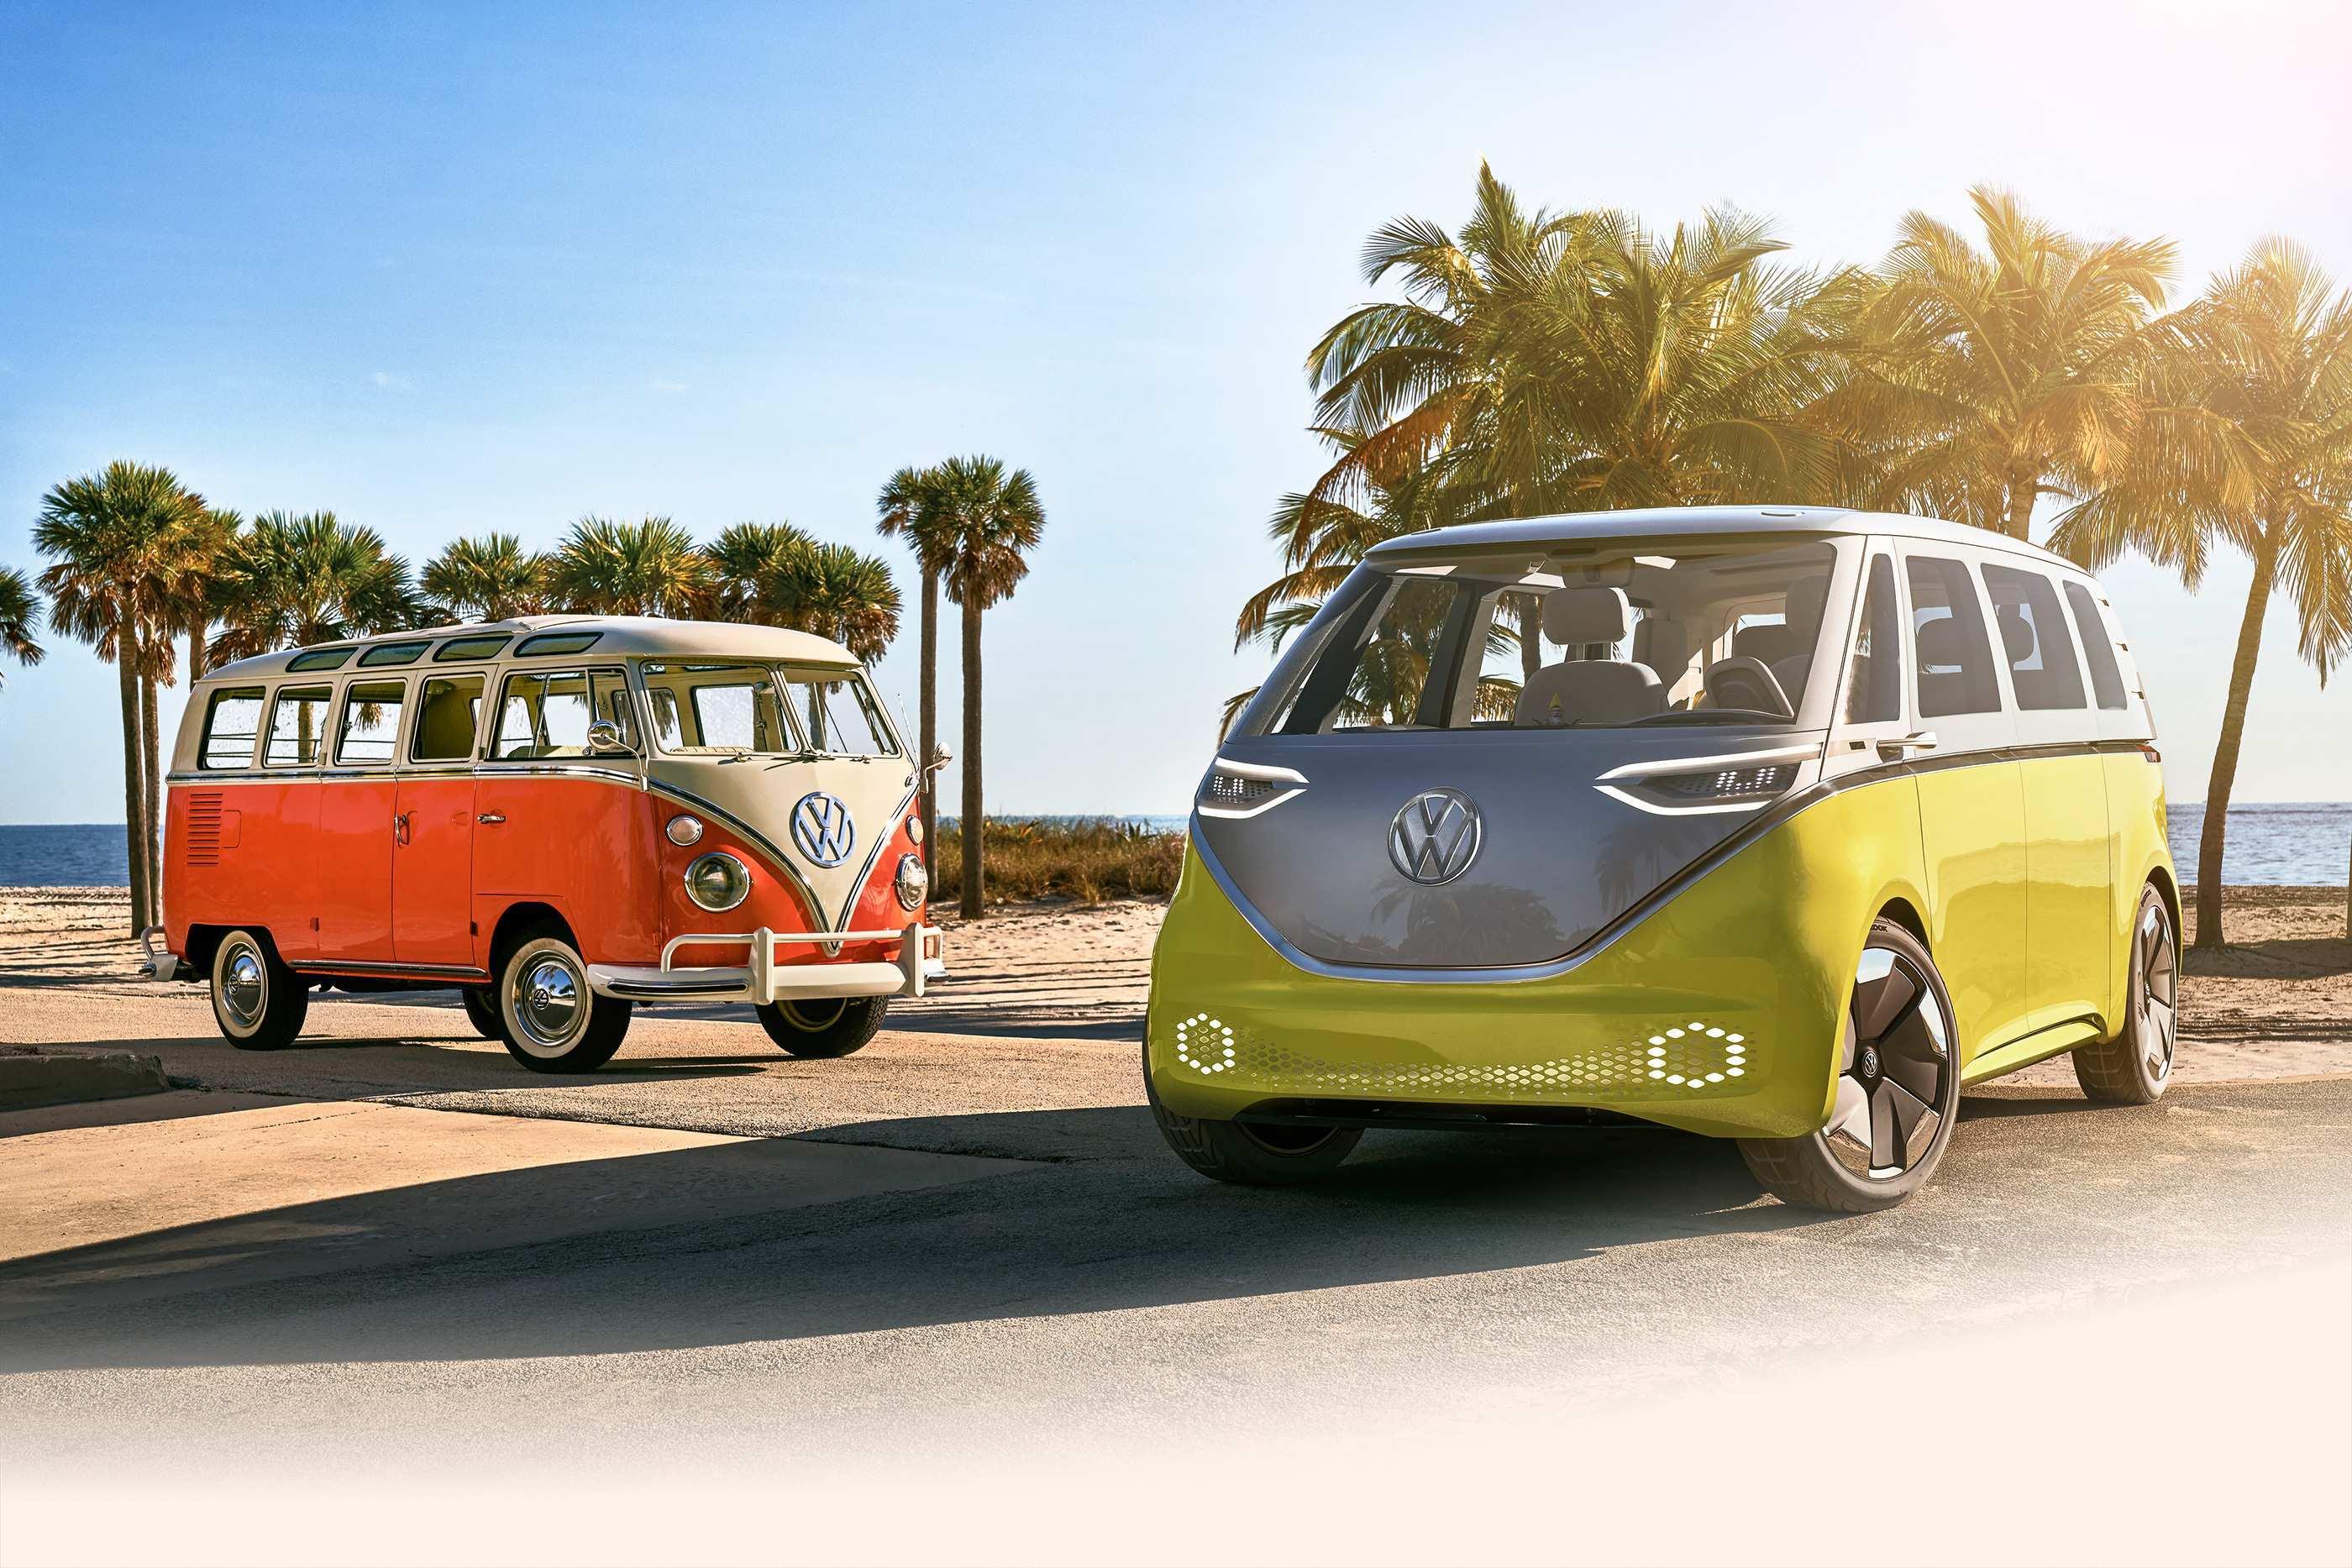 29 Concept of 2020 Volkswagen Bus Price Model with 2020 Volkswagen Bus Price